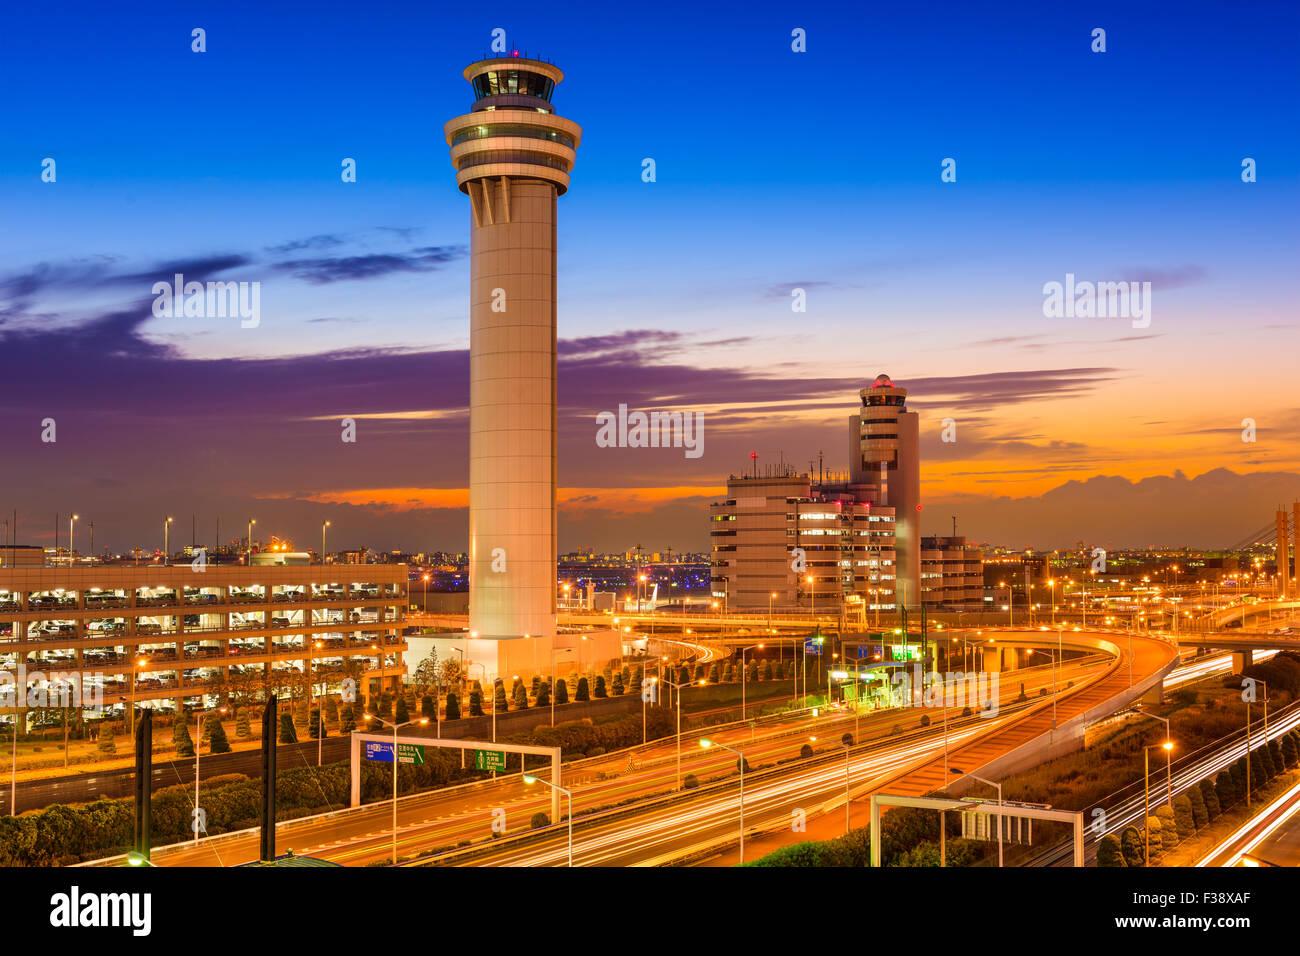 Torre de control del aeropuerto de Haneda en Tokio, Japón. Foto de stock